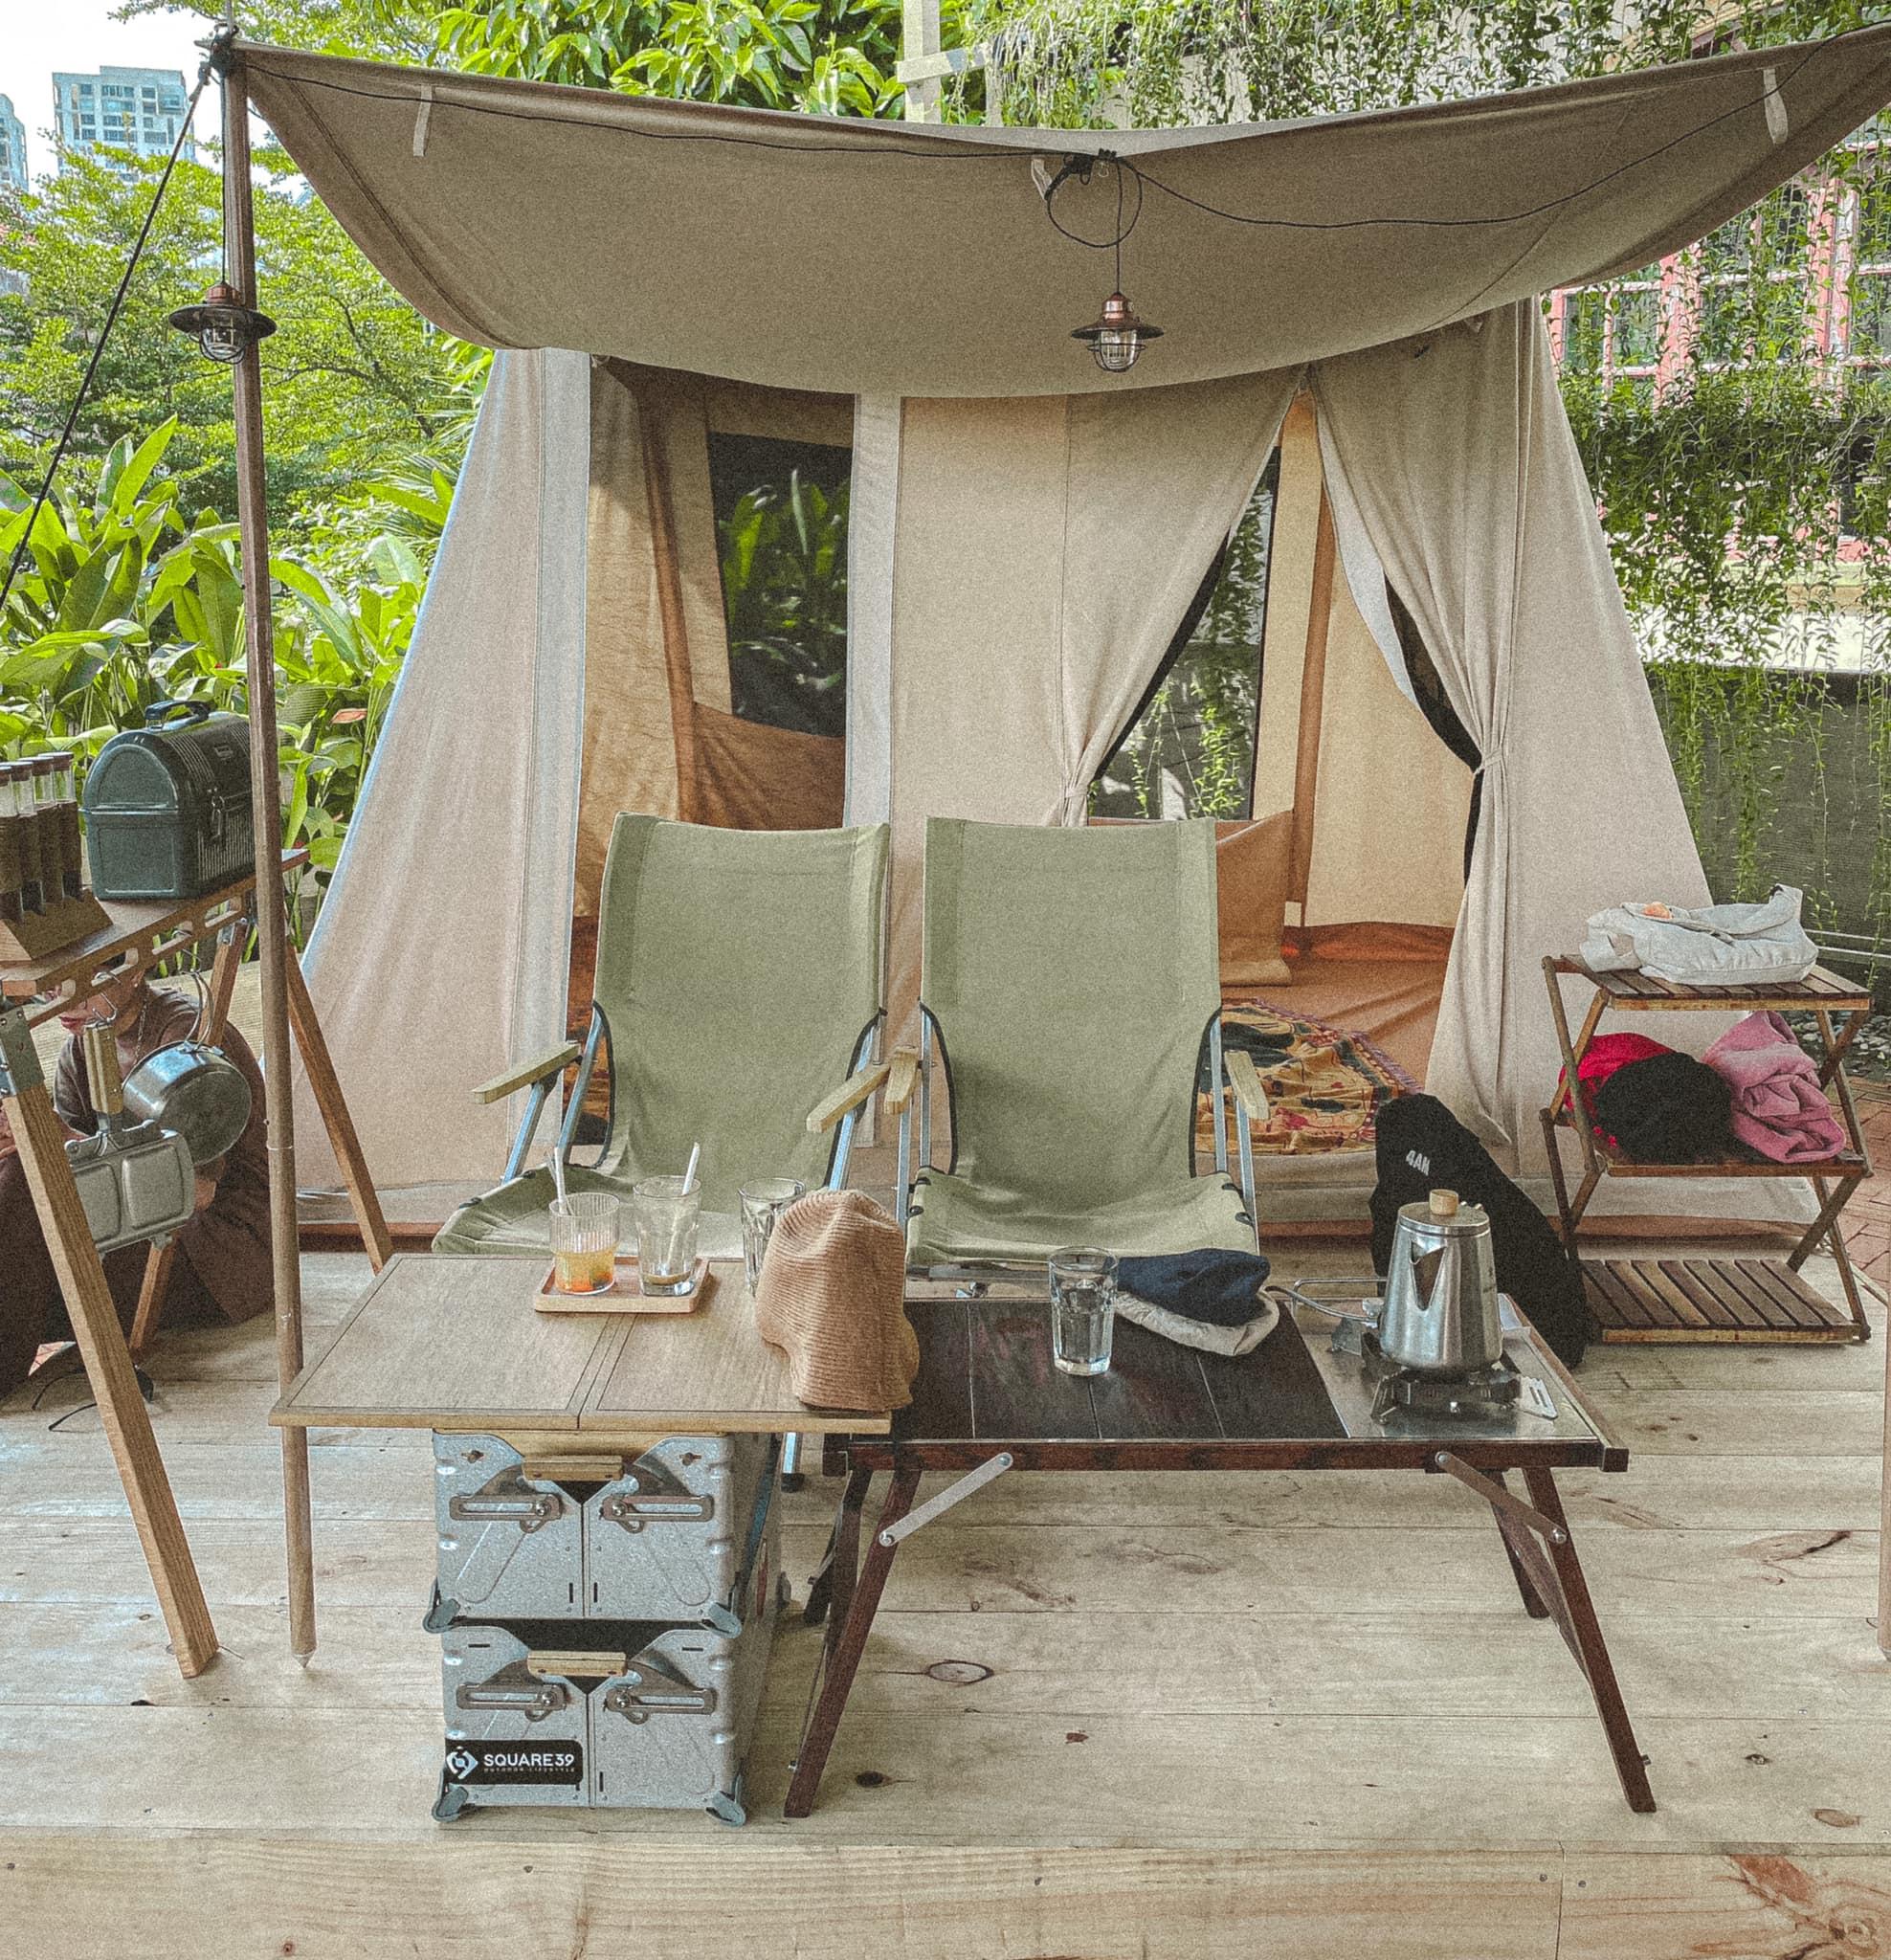 Square 39 - mô hình cà phê cắm trại độc lạ giữa lòng Sài Gòn